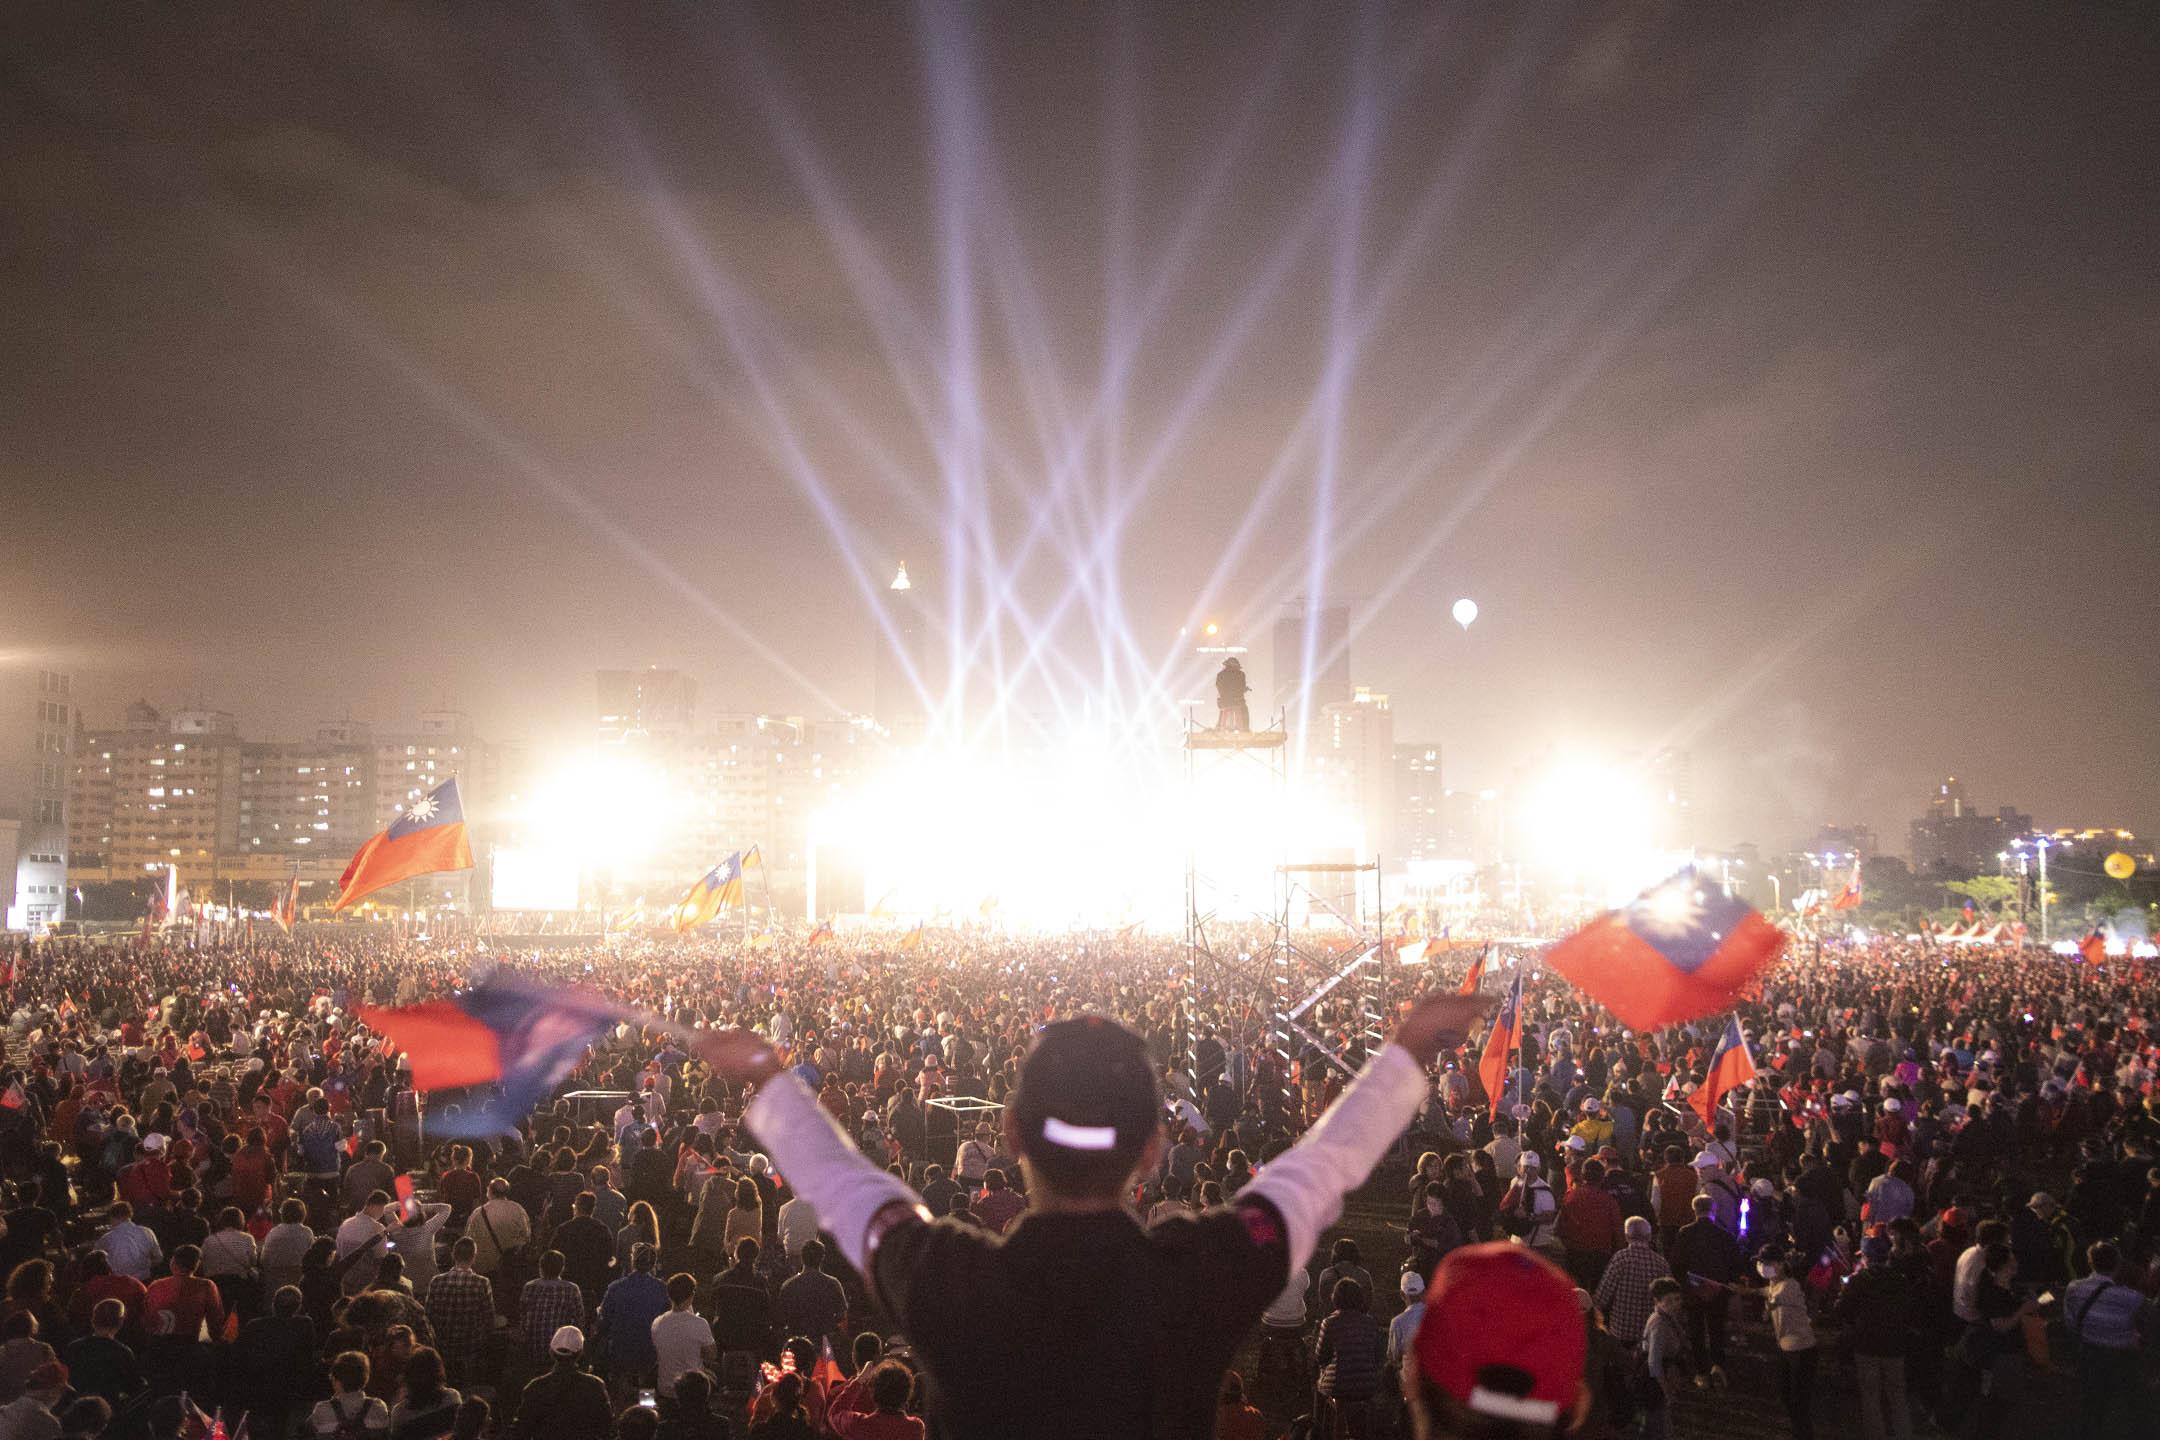 2020年1月10日選前之夜,韓國瑜在高雄舉行造勢晚會。 攝:陳焯煇/端傳媒